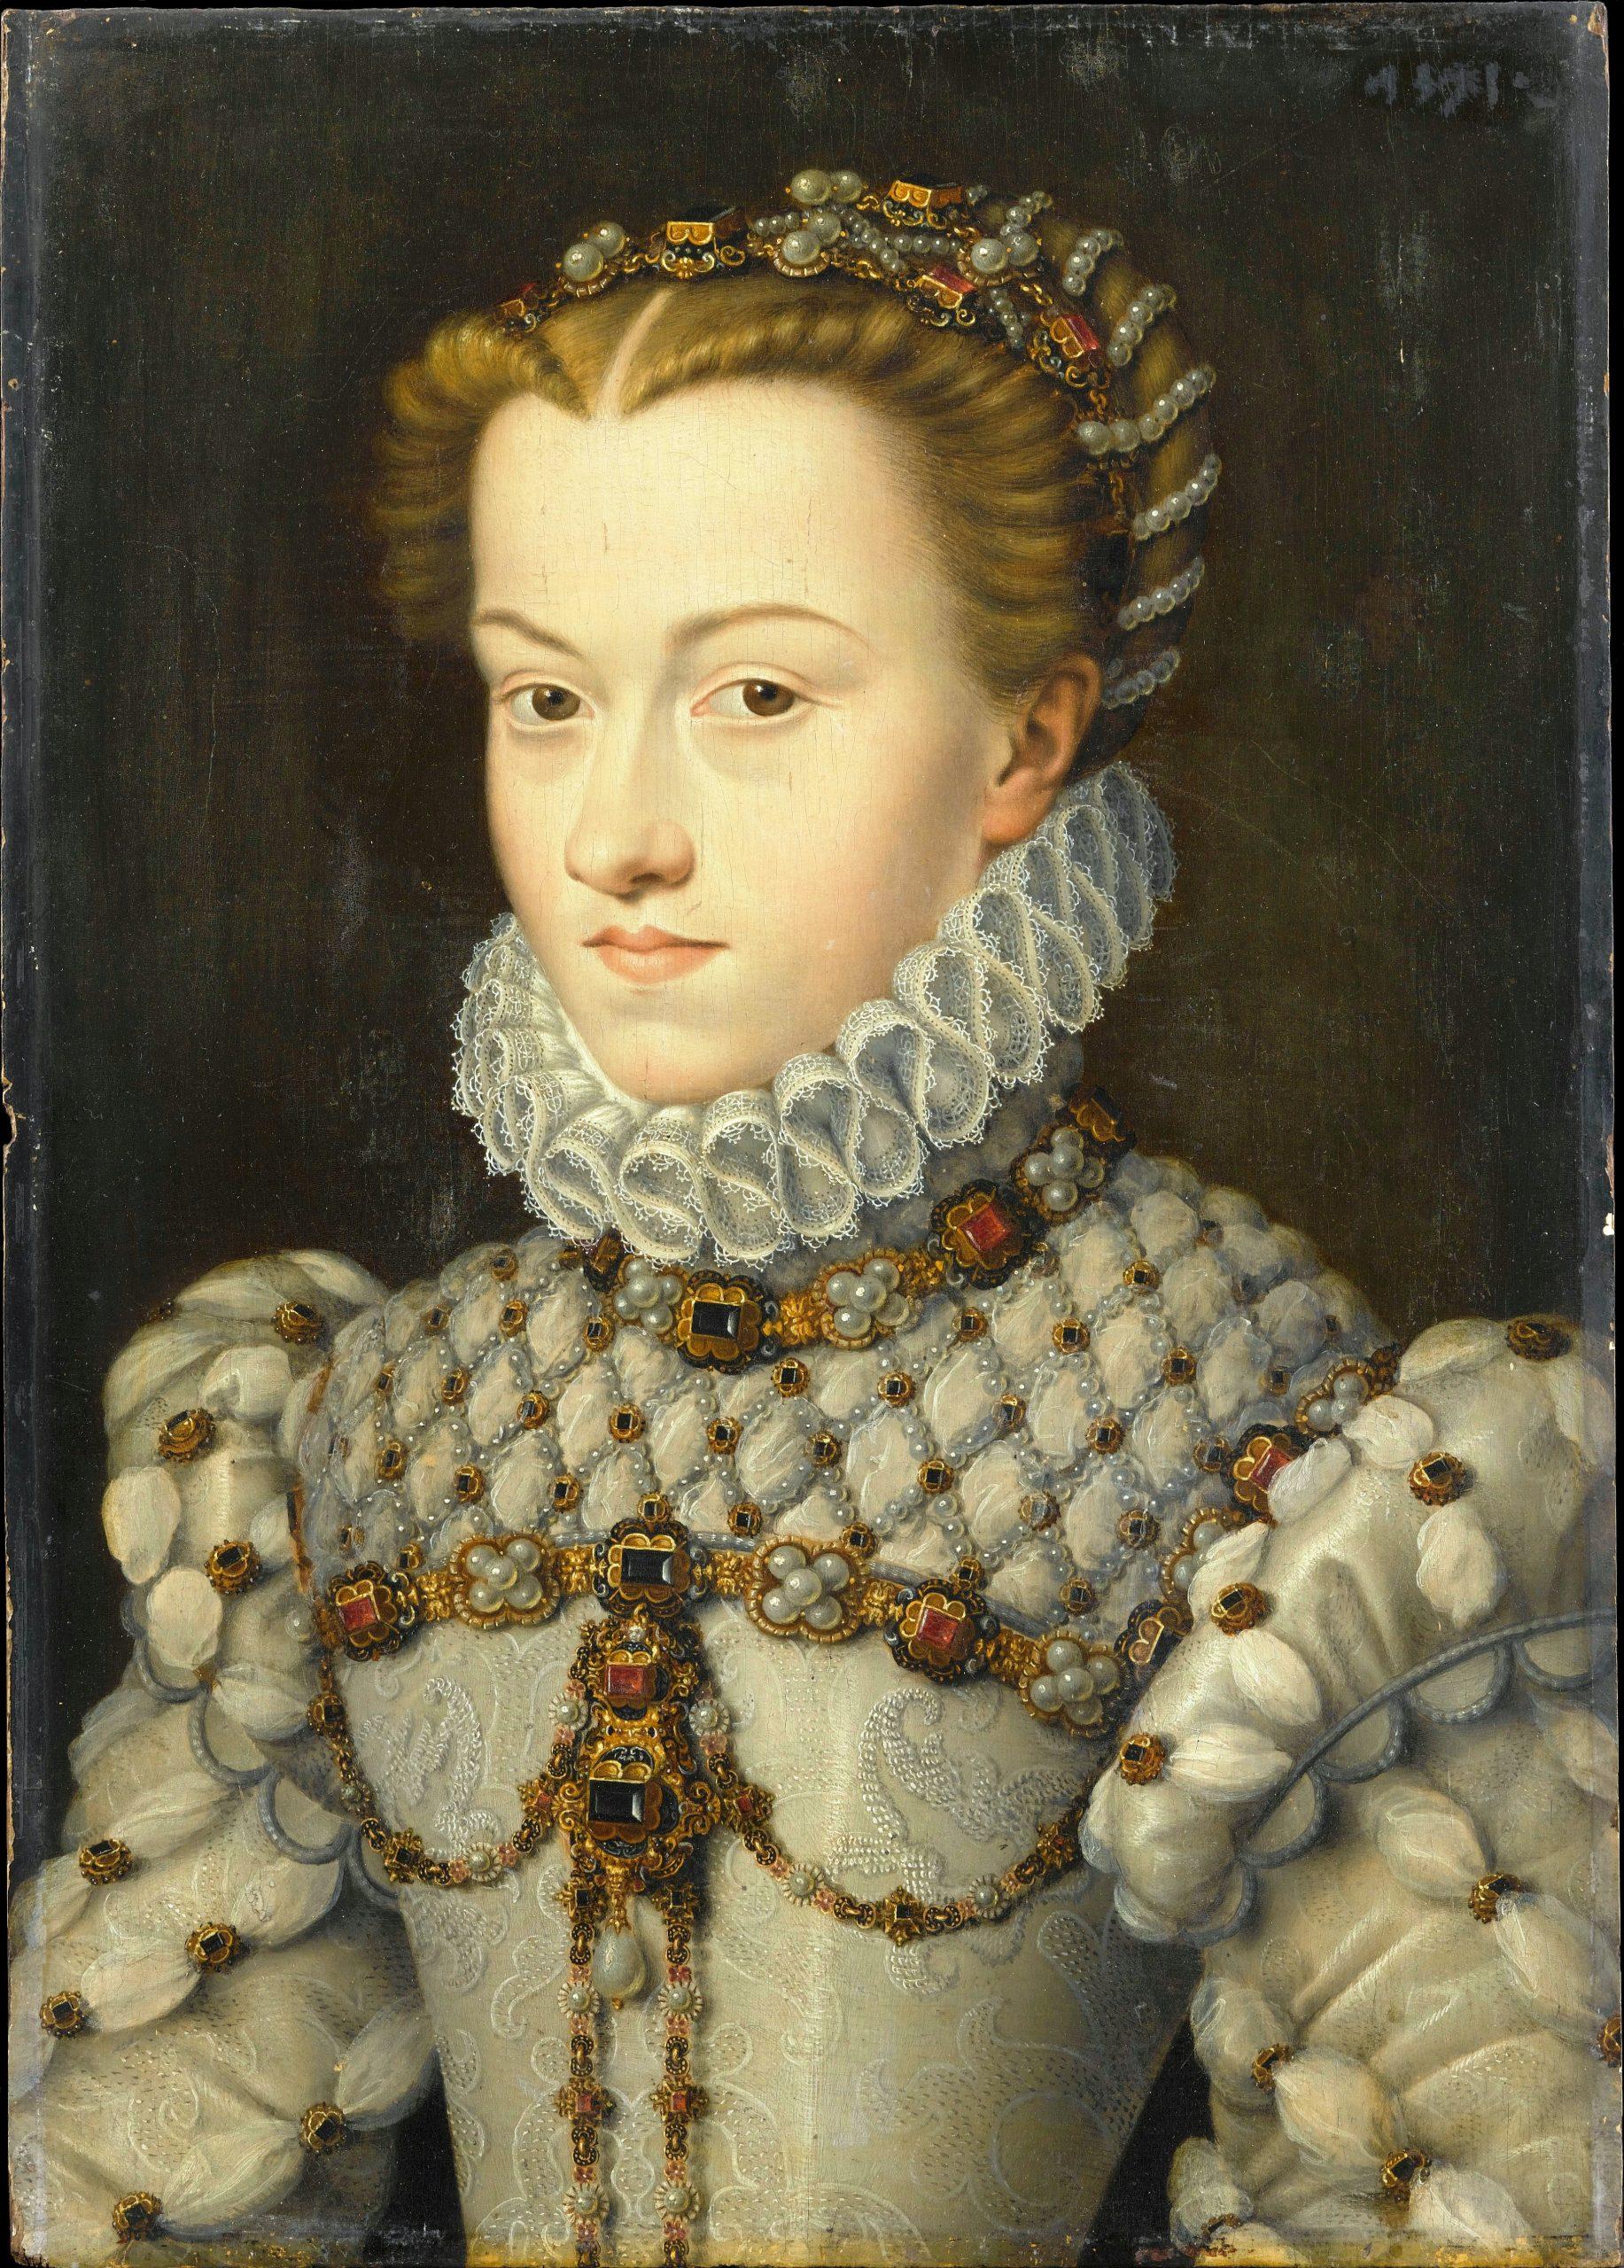 Элизабет Австрийская, королева Франции с минимальным стажем